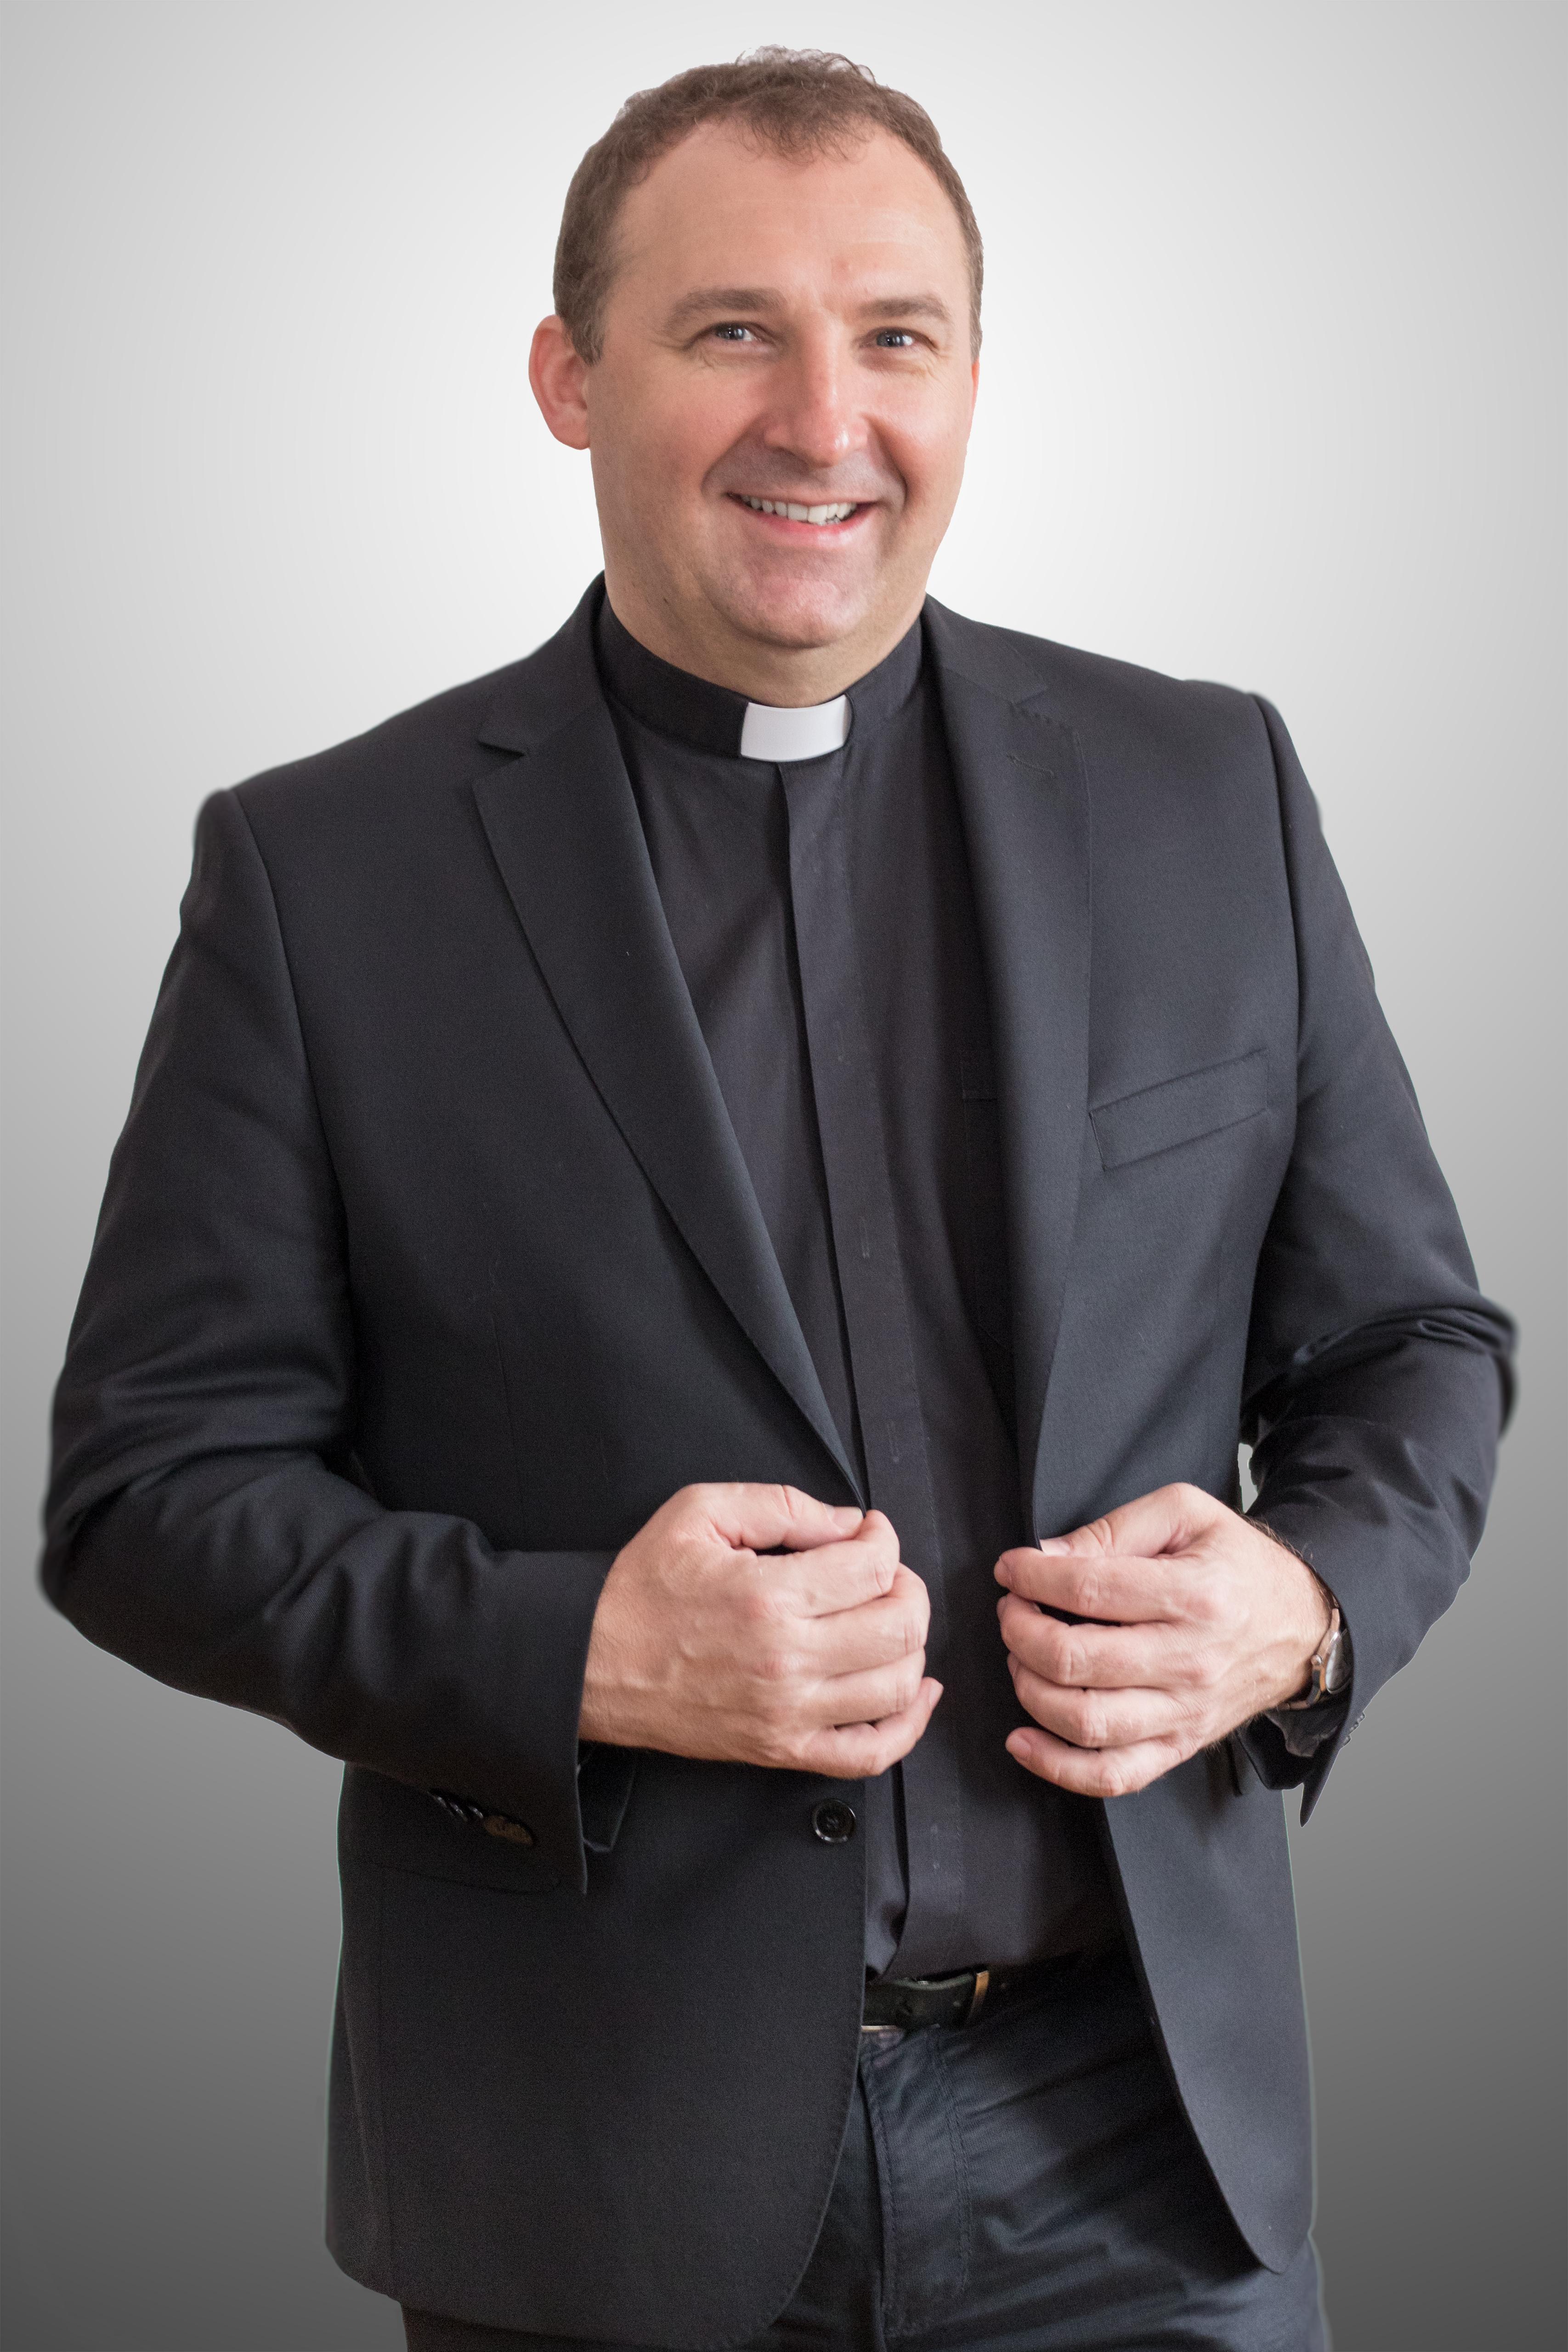 Rev. Dariusz Kowalczyk